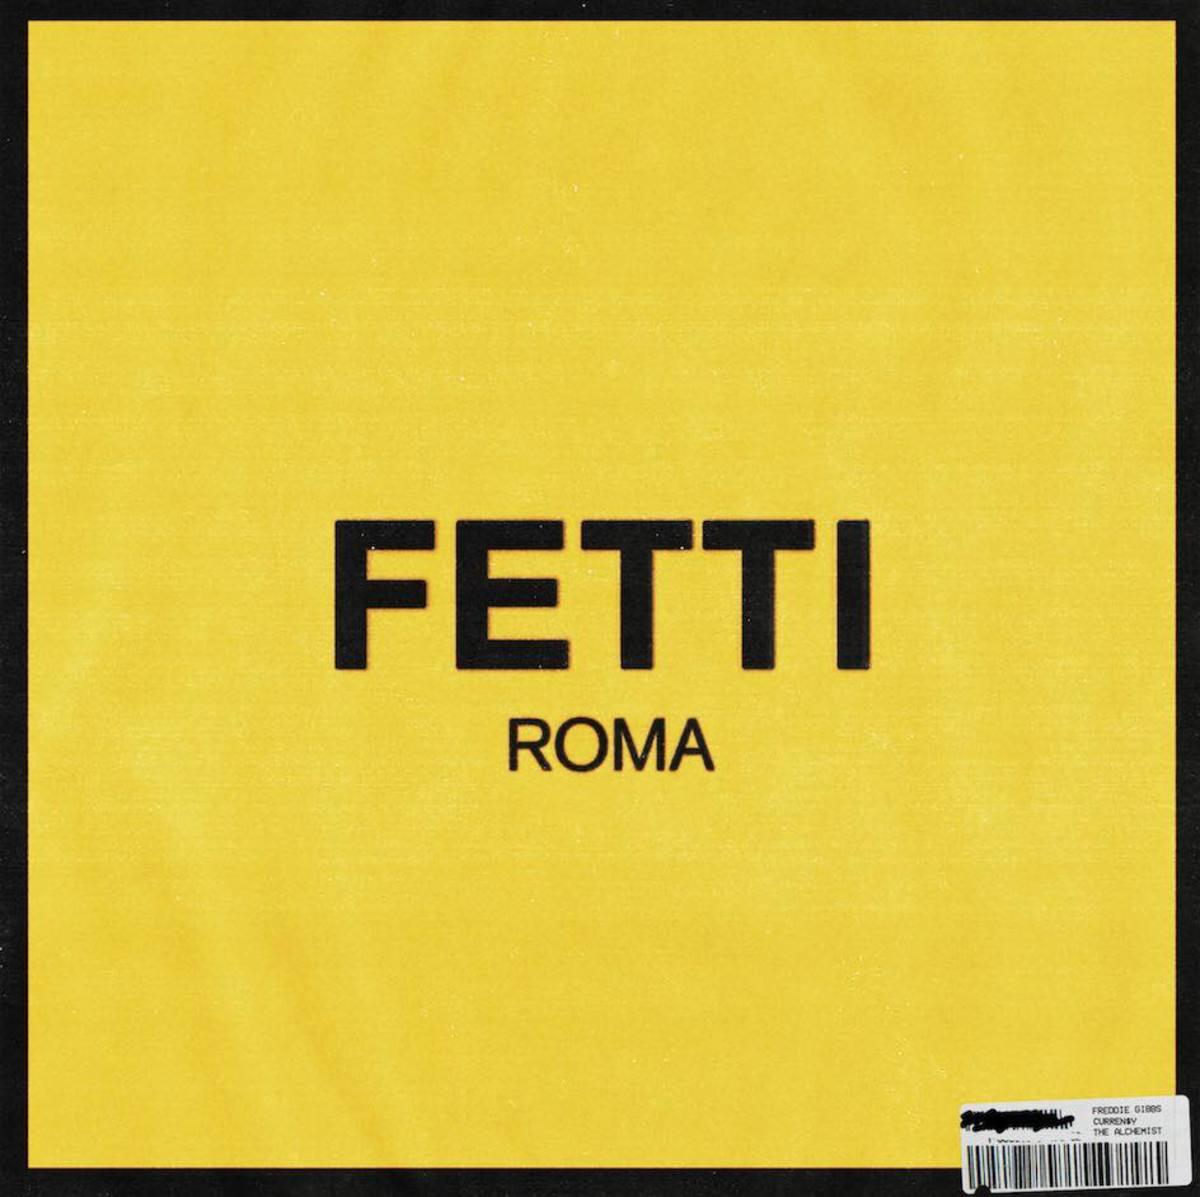 Freddie Gibbs & Curren$y Fetti